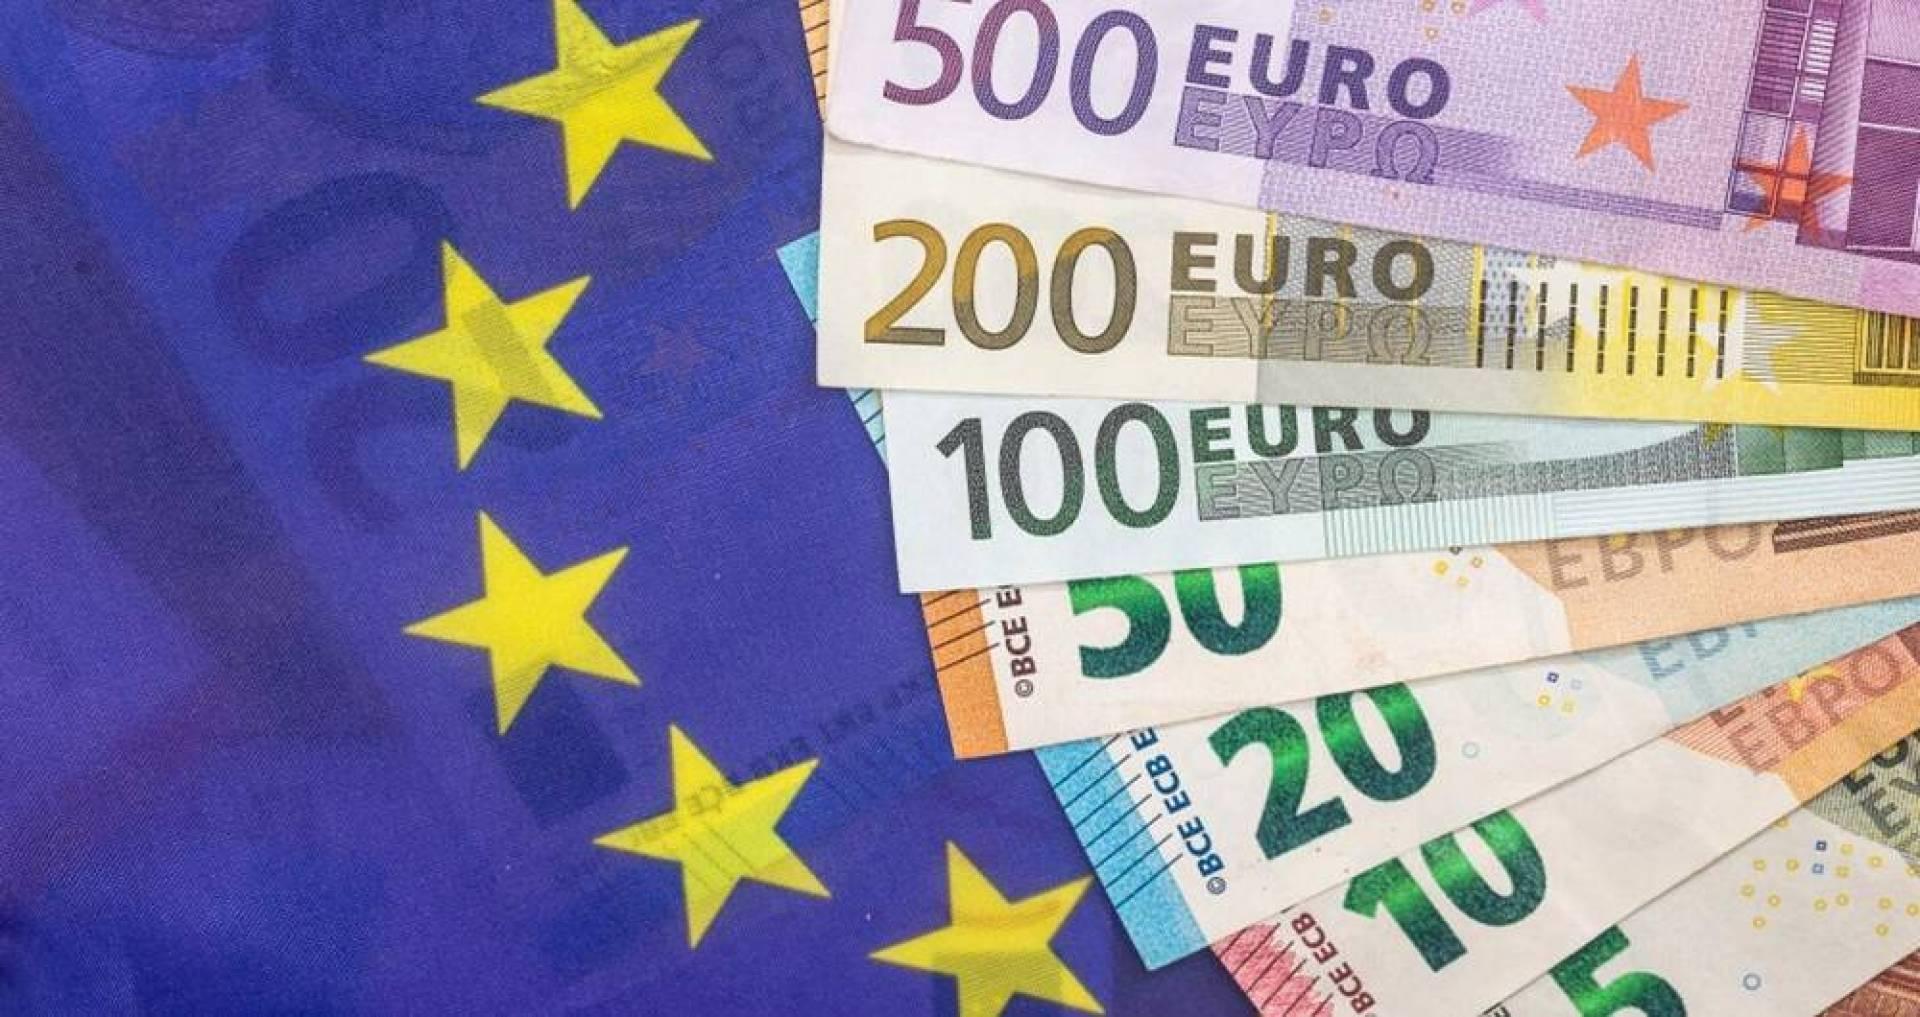 انحسار التراجع بمنطقة اليورو في يونيو مع استئناف النشاط الاقتصادي